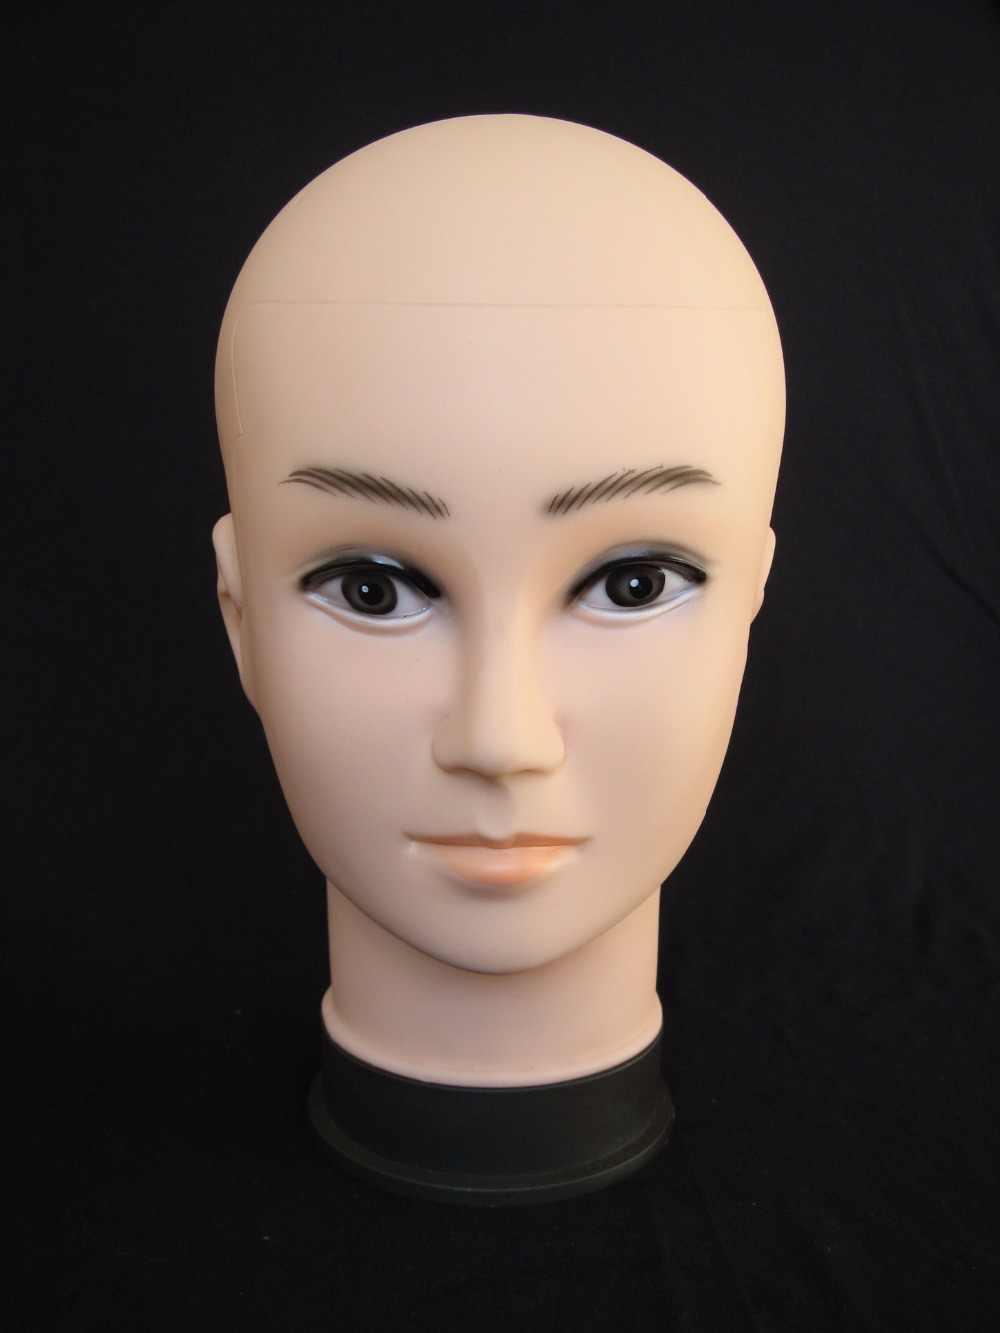 リアルなプラスチック製の男性マネキン用のマネキンダミーヘッド帽子ディスプレイ、マネキンヘッド